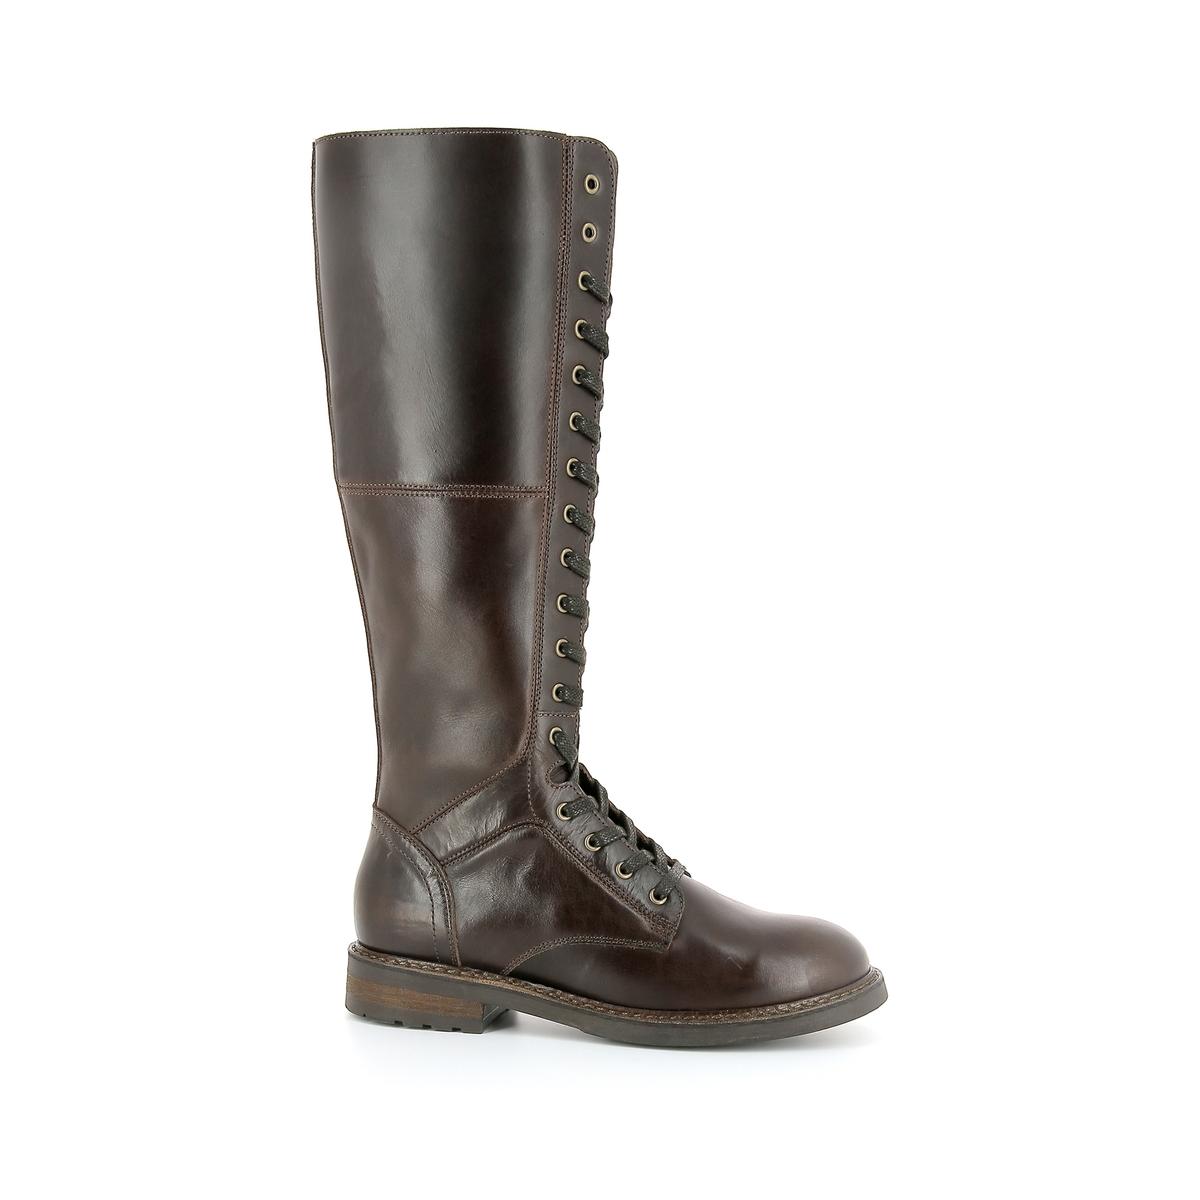 Сапоги-ботфорты кожаные Benji altuzarra кожаные сапоги